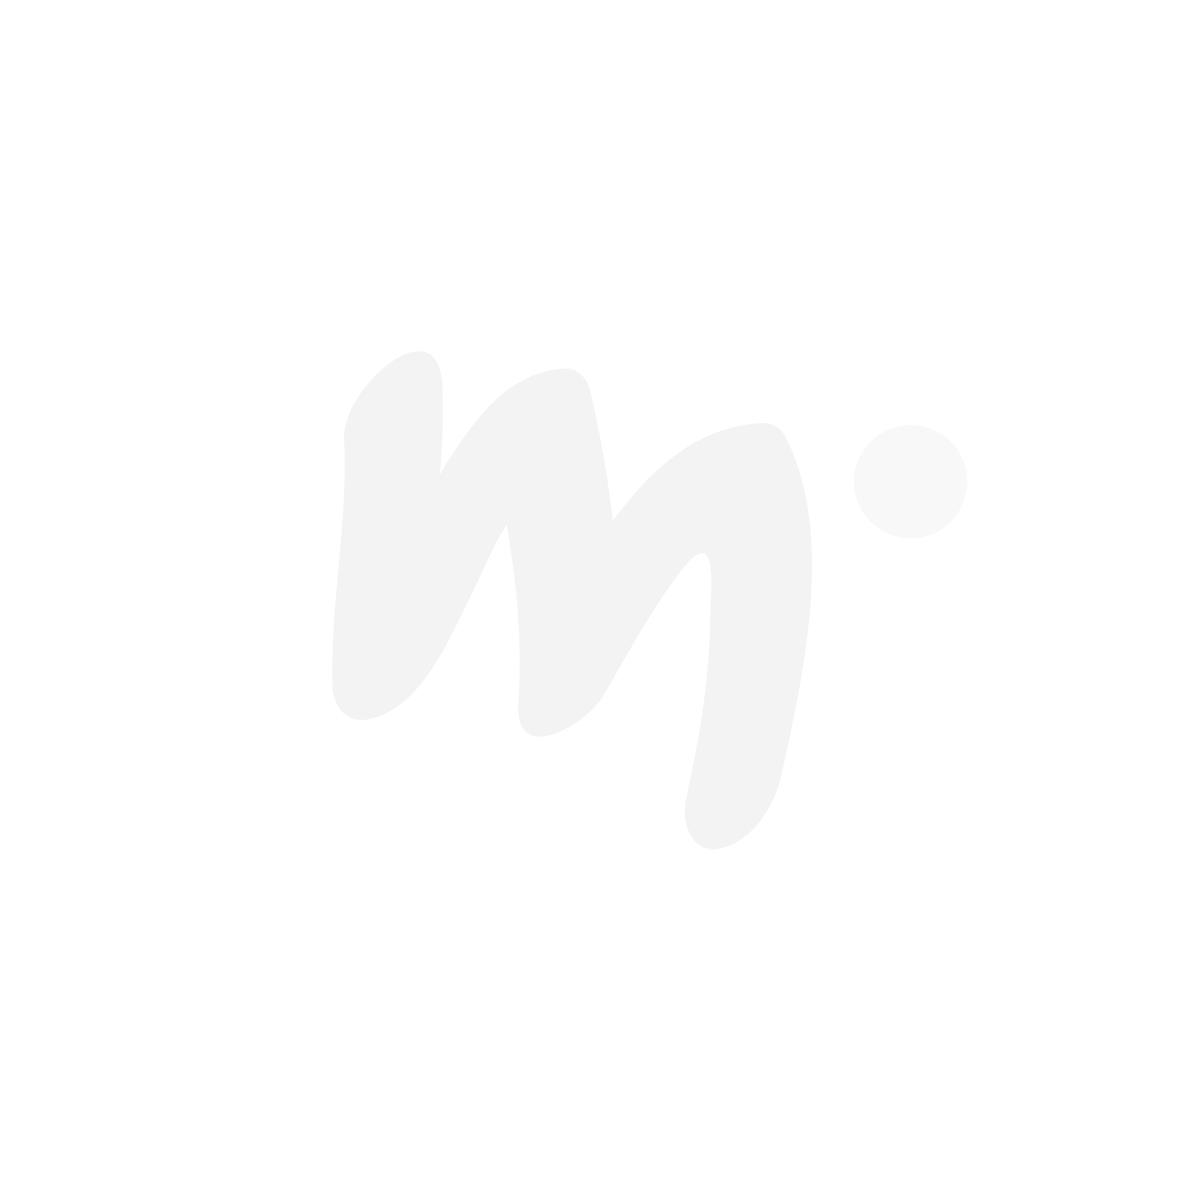 Peppi Pitkätossu Päivänkakkara-body valkoinen